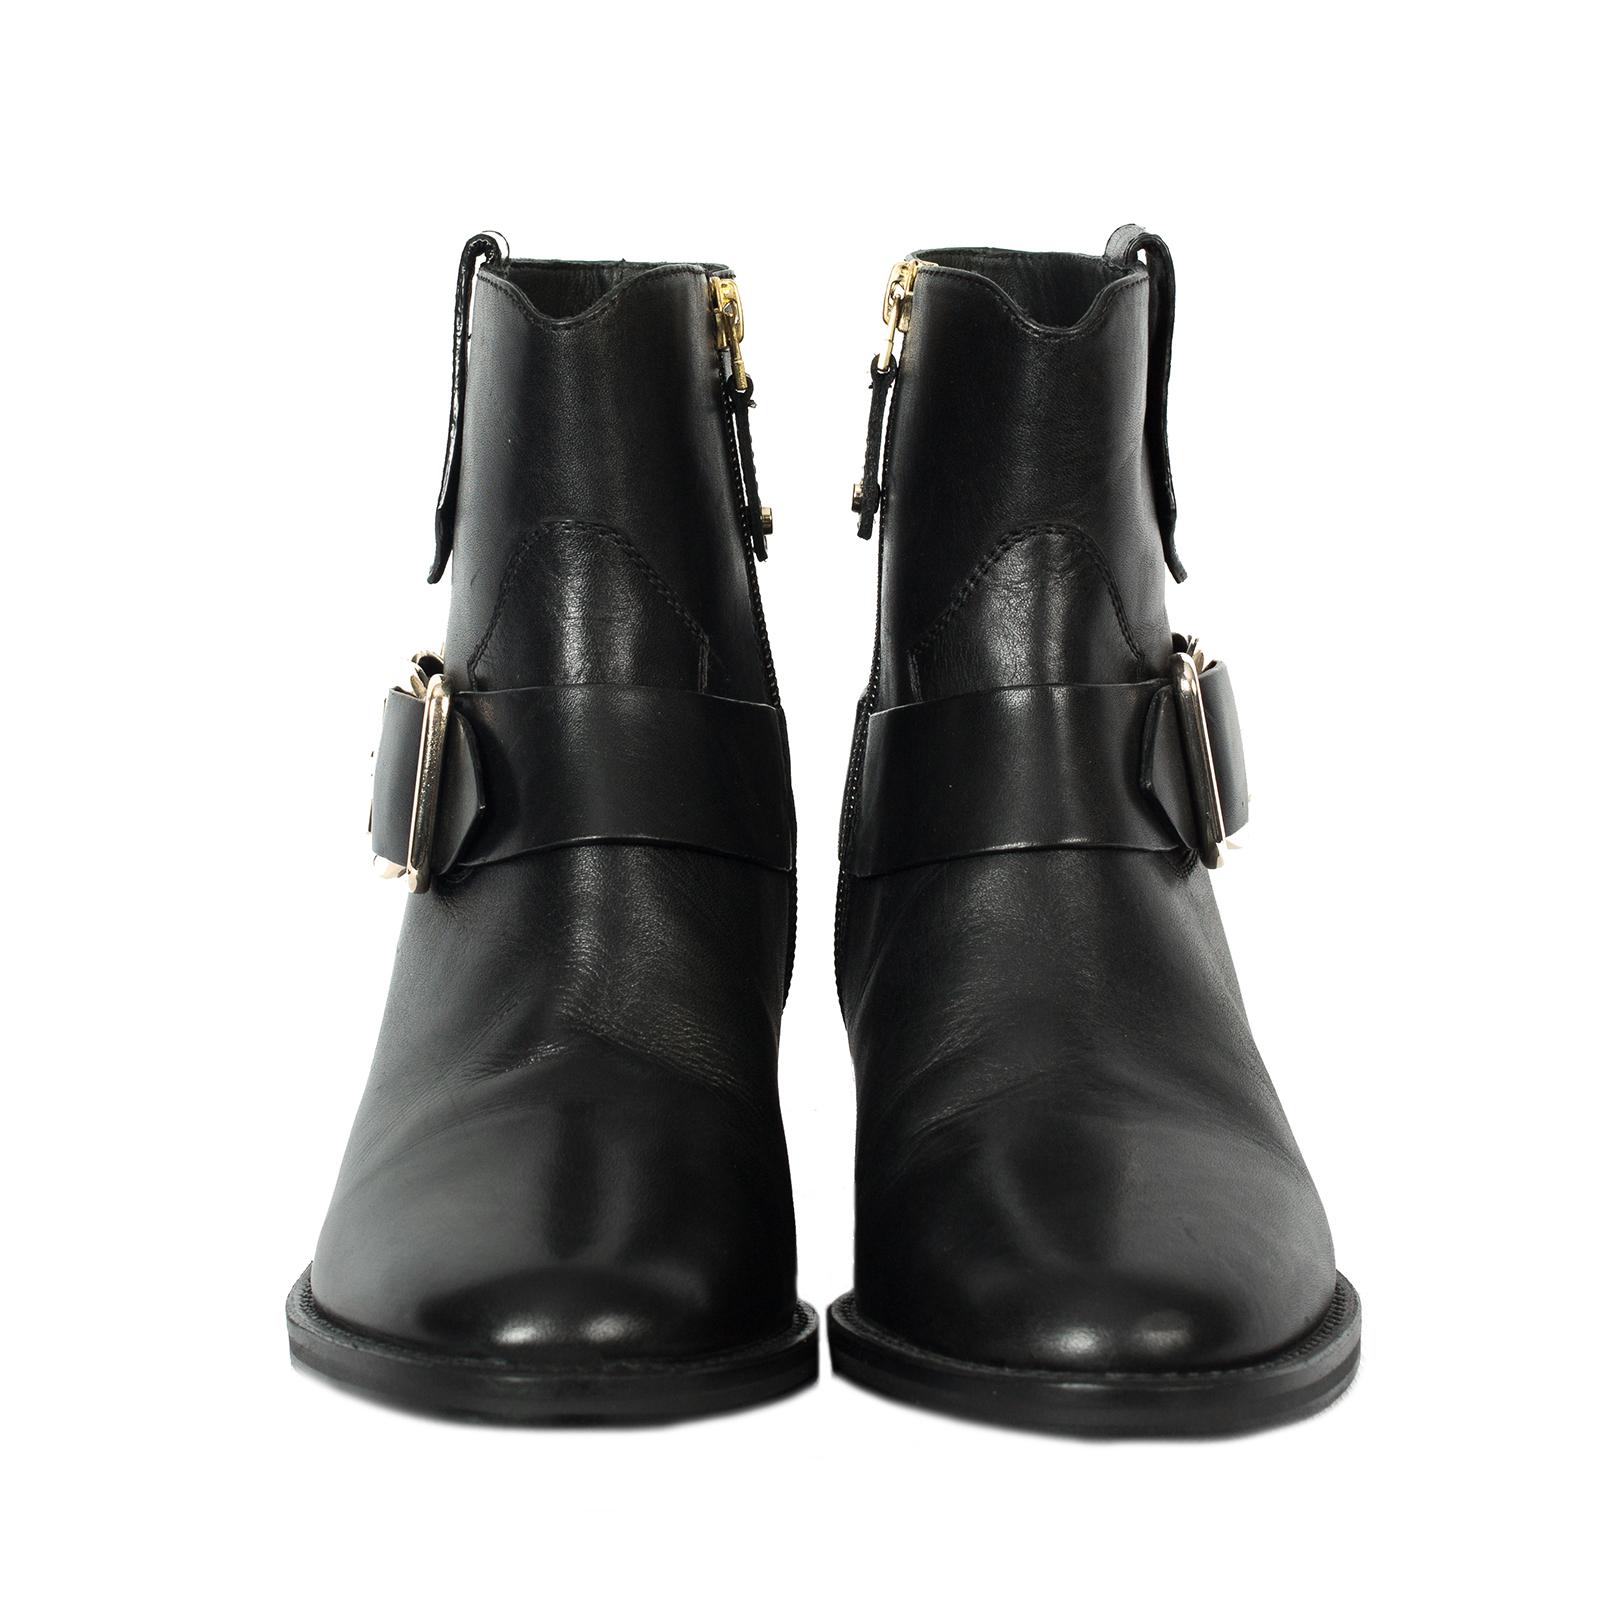 Ботинки, Ballerina, DANA (черный)